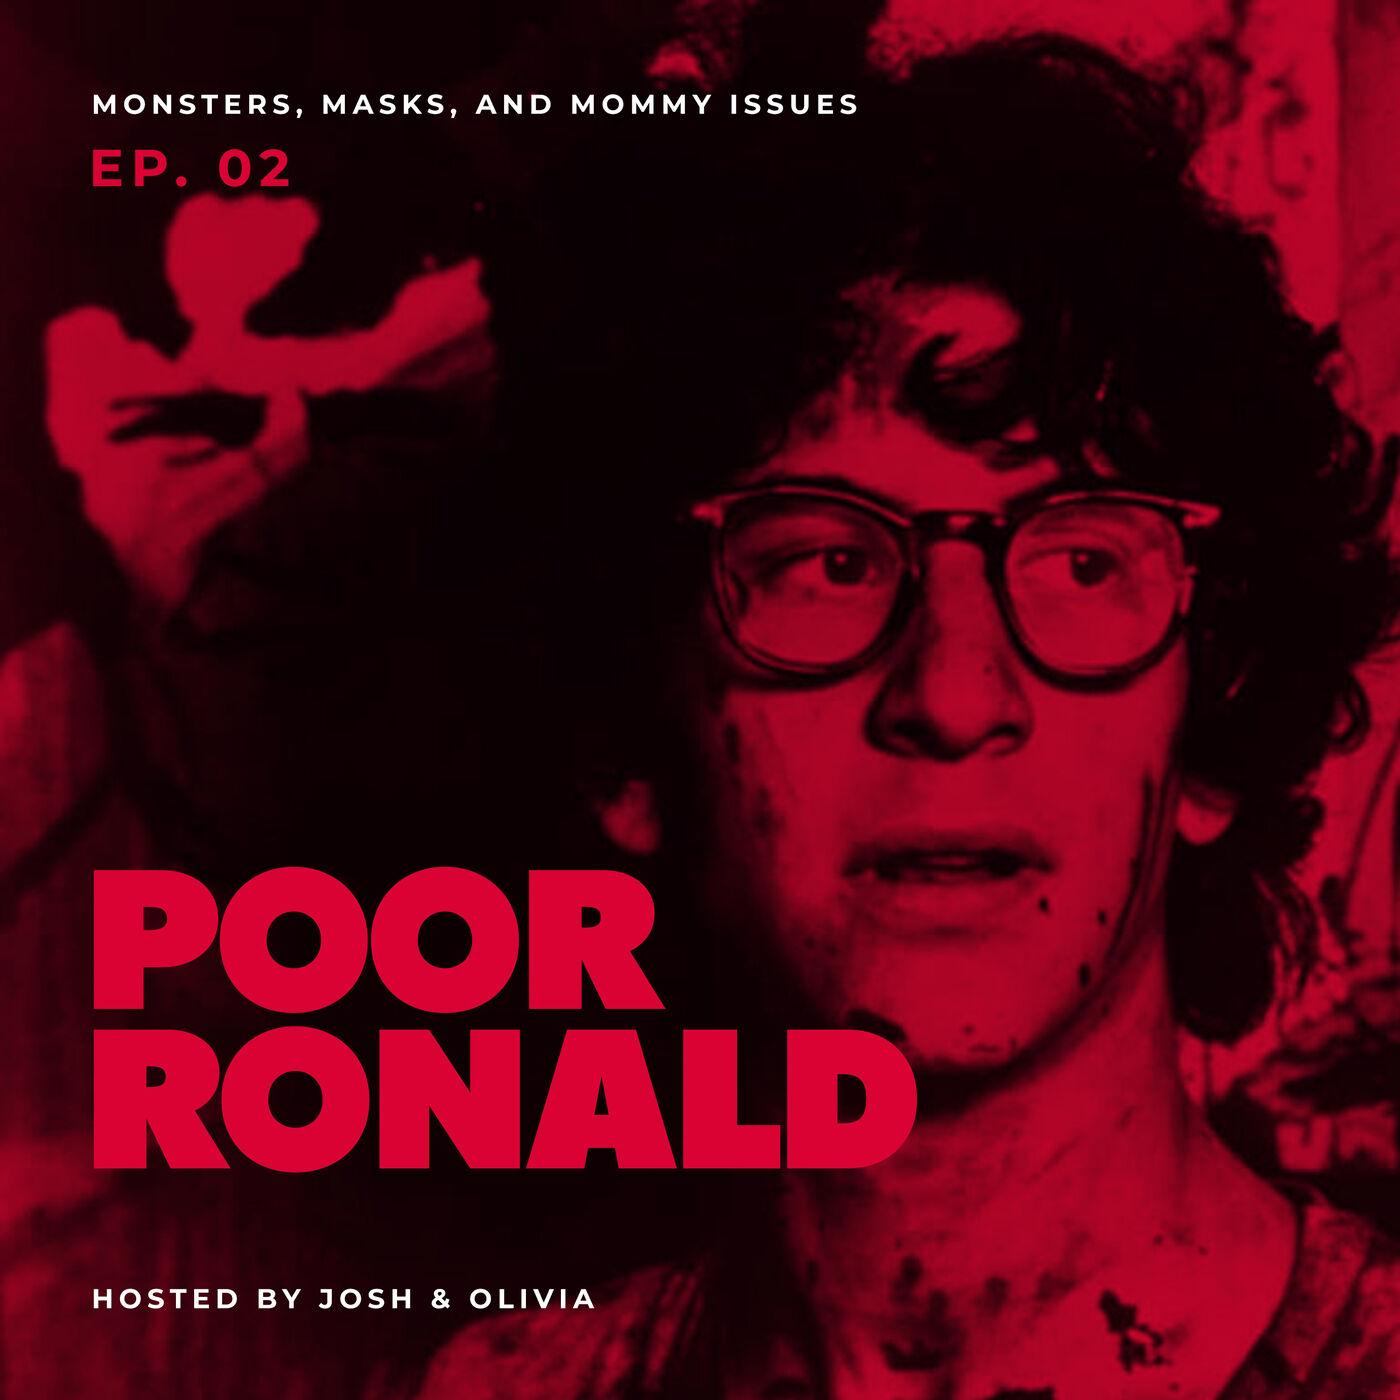 Poor Ronald